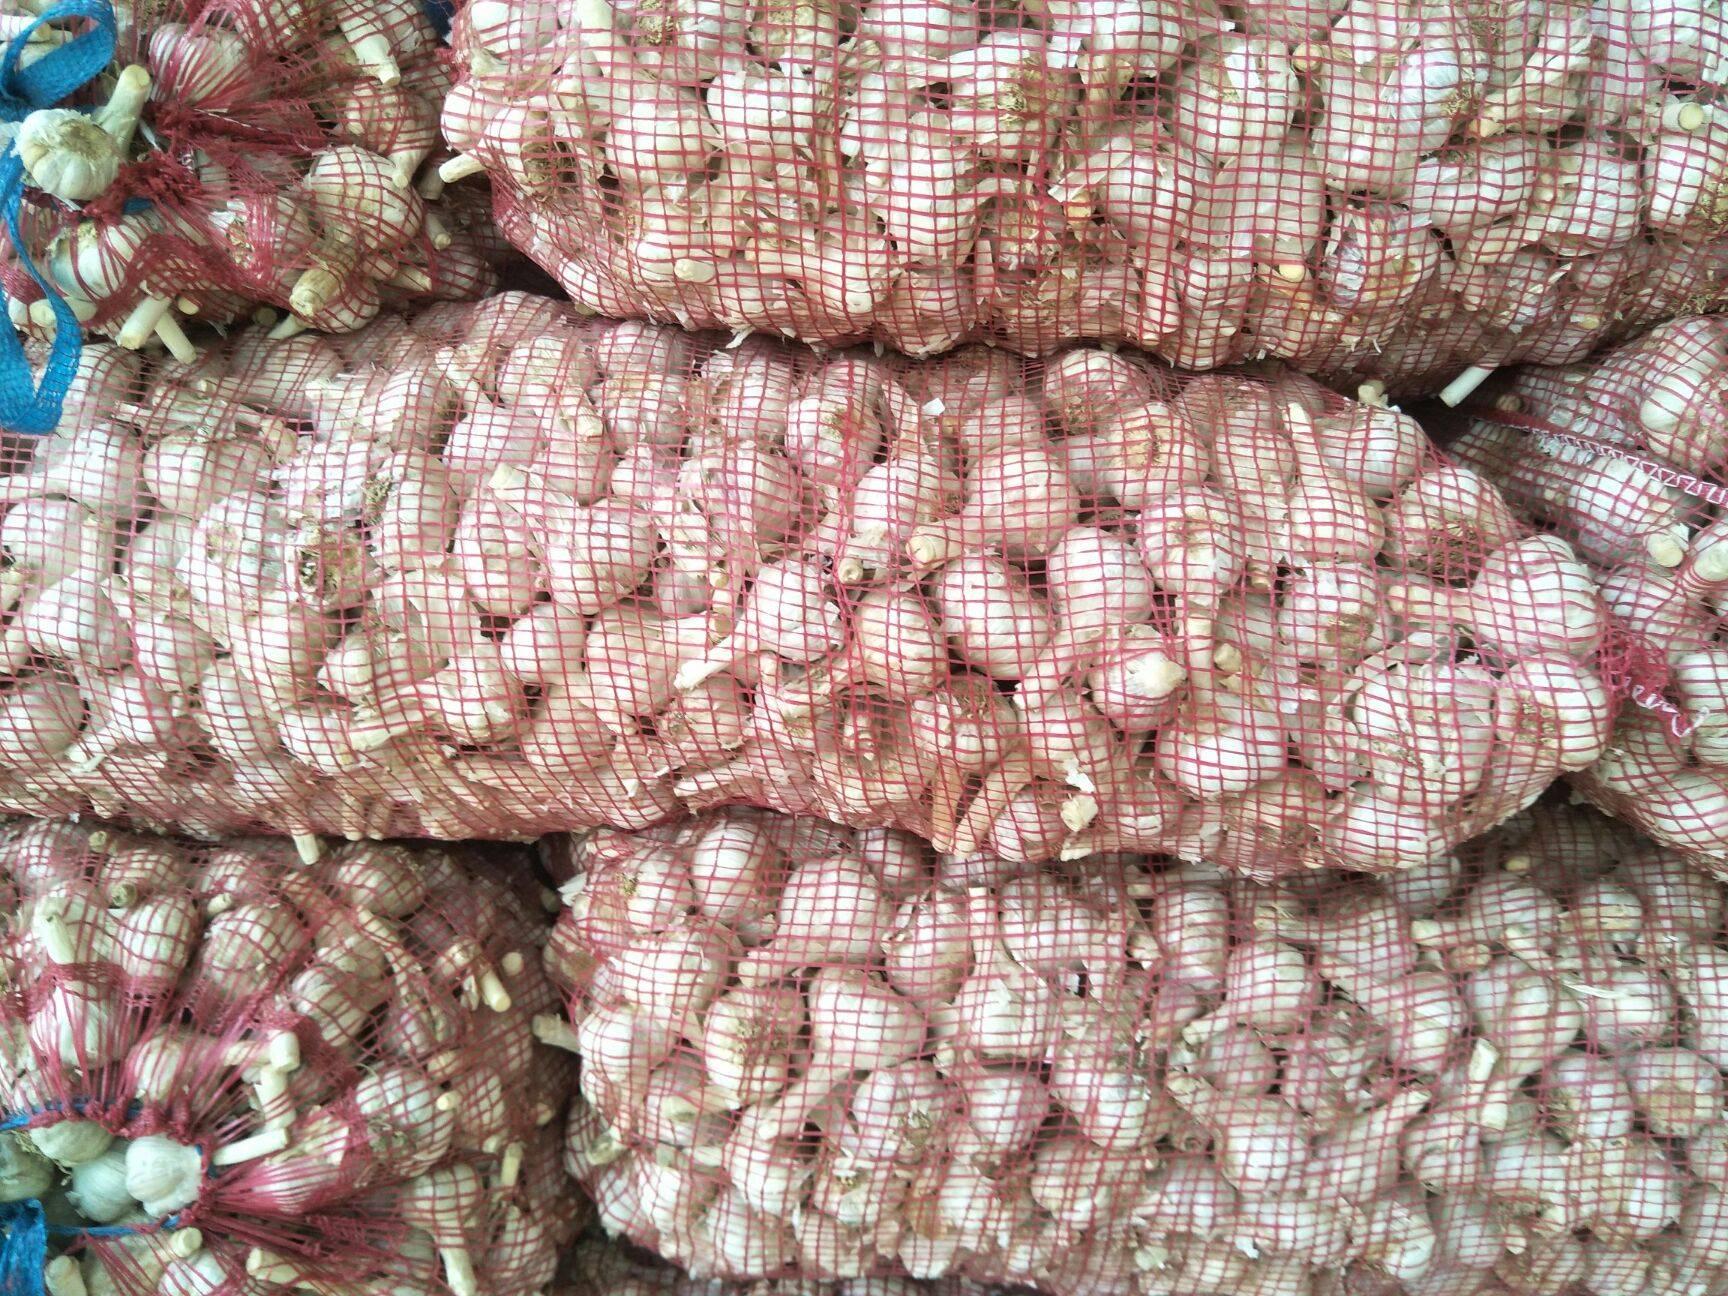 [二水早大蒜批发]二水早大蒜 大红皮价格1.2元/斤